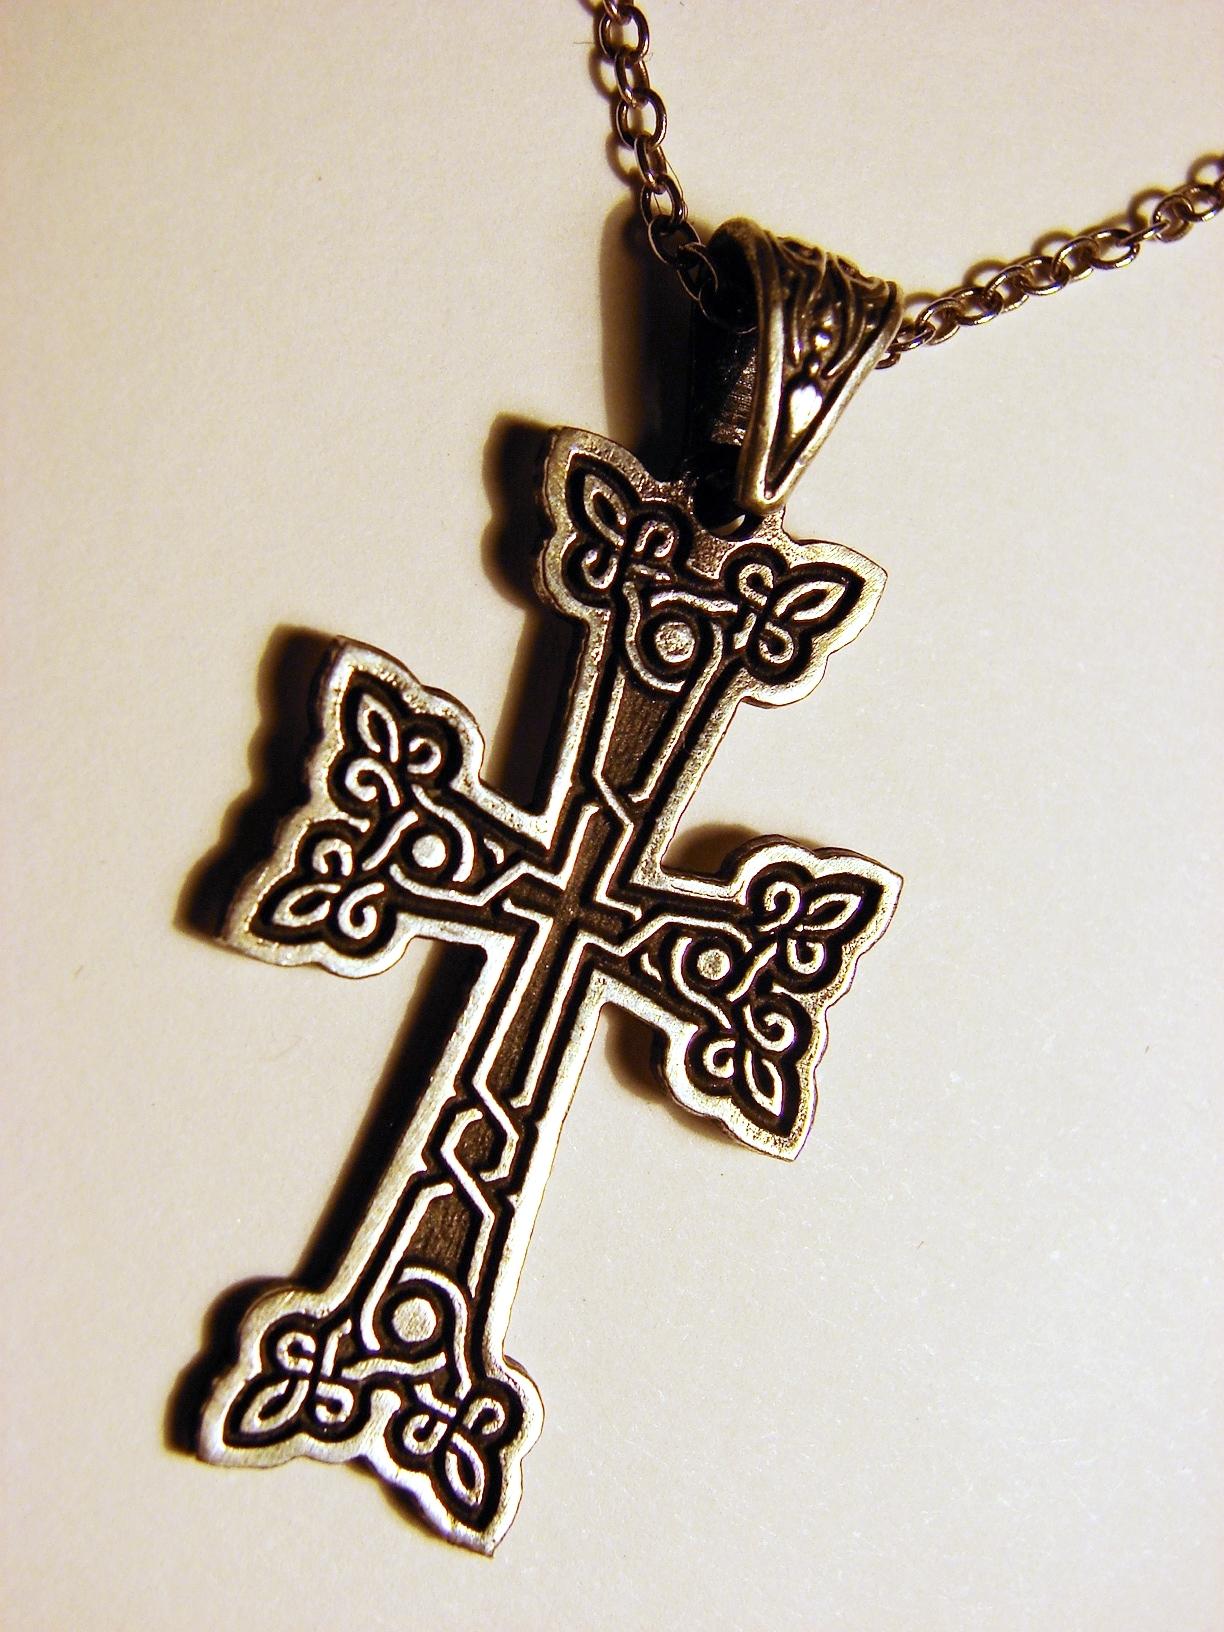 40 mm Jewels Obsession Armenian Cross Pendant Sterling Silver 925 Armenian Cross Pendant